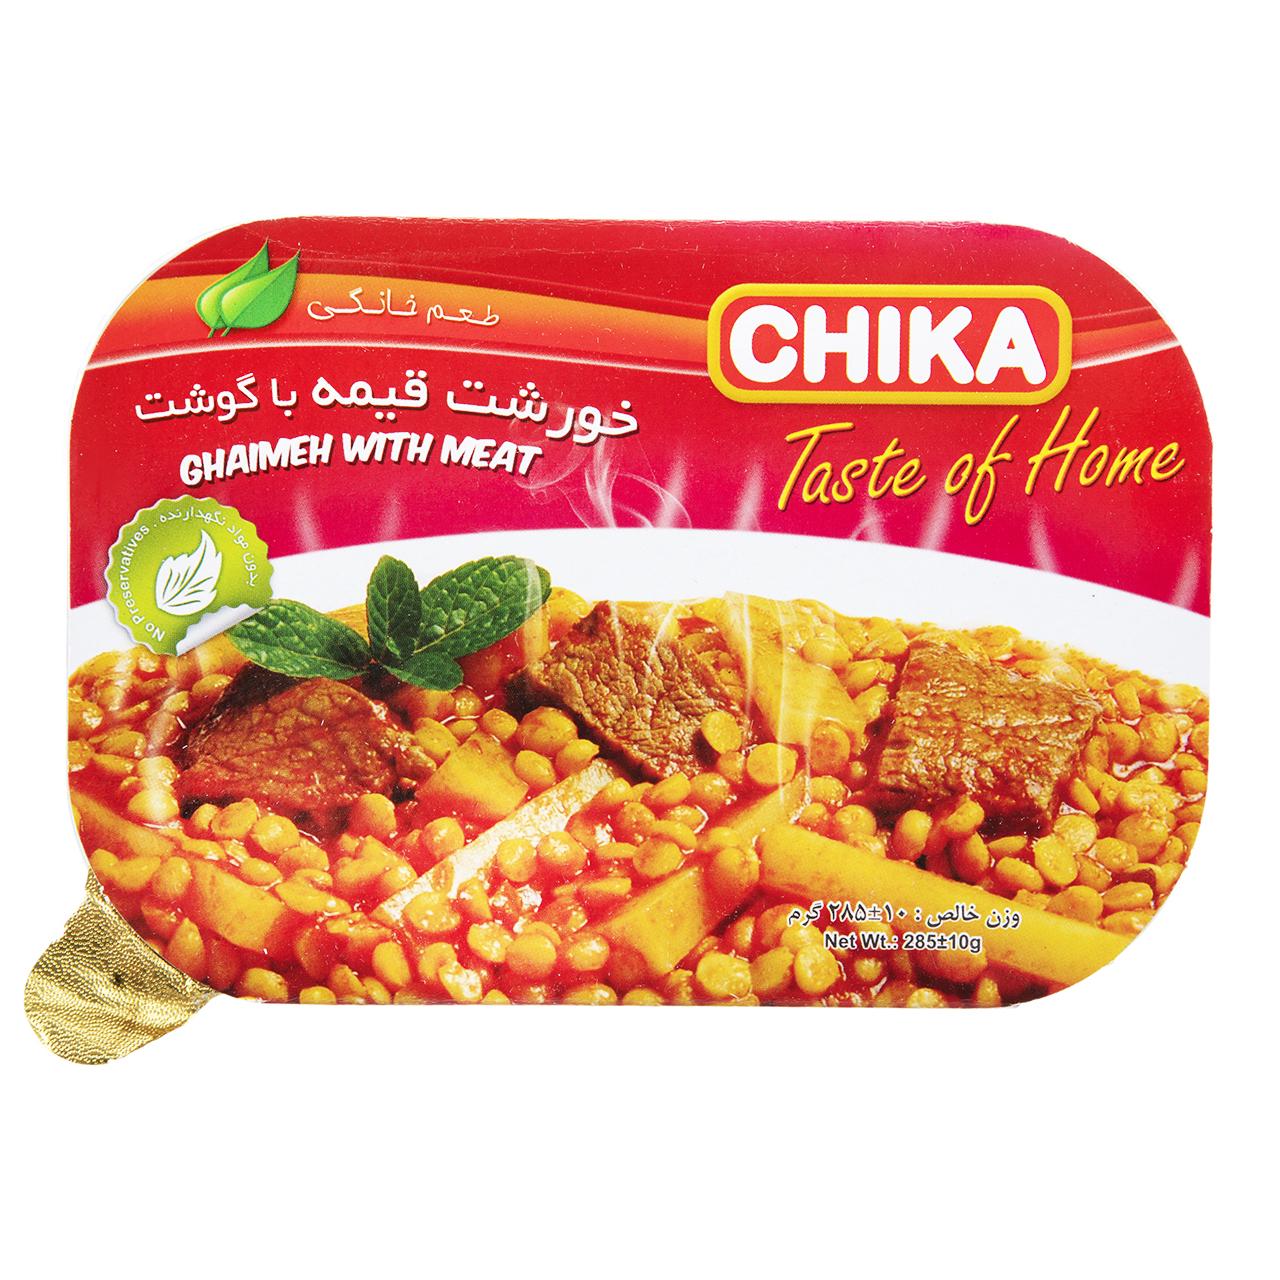 خورشت قیمه با گوشت چیکا مقدار 285 گرم